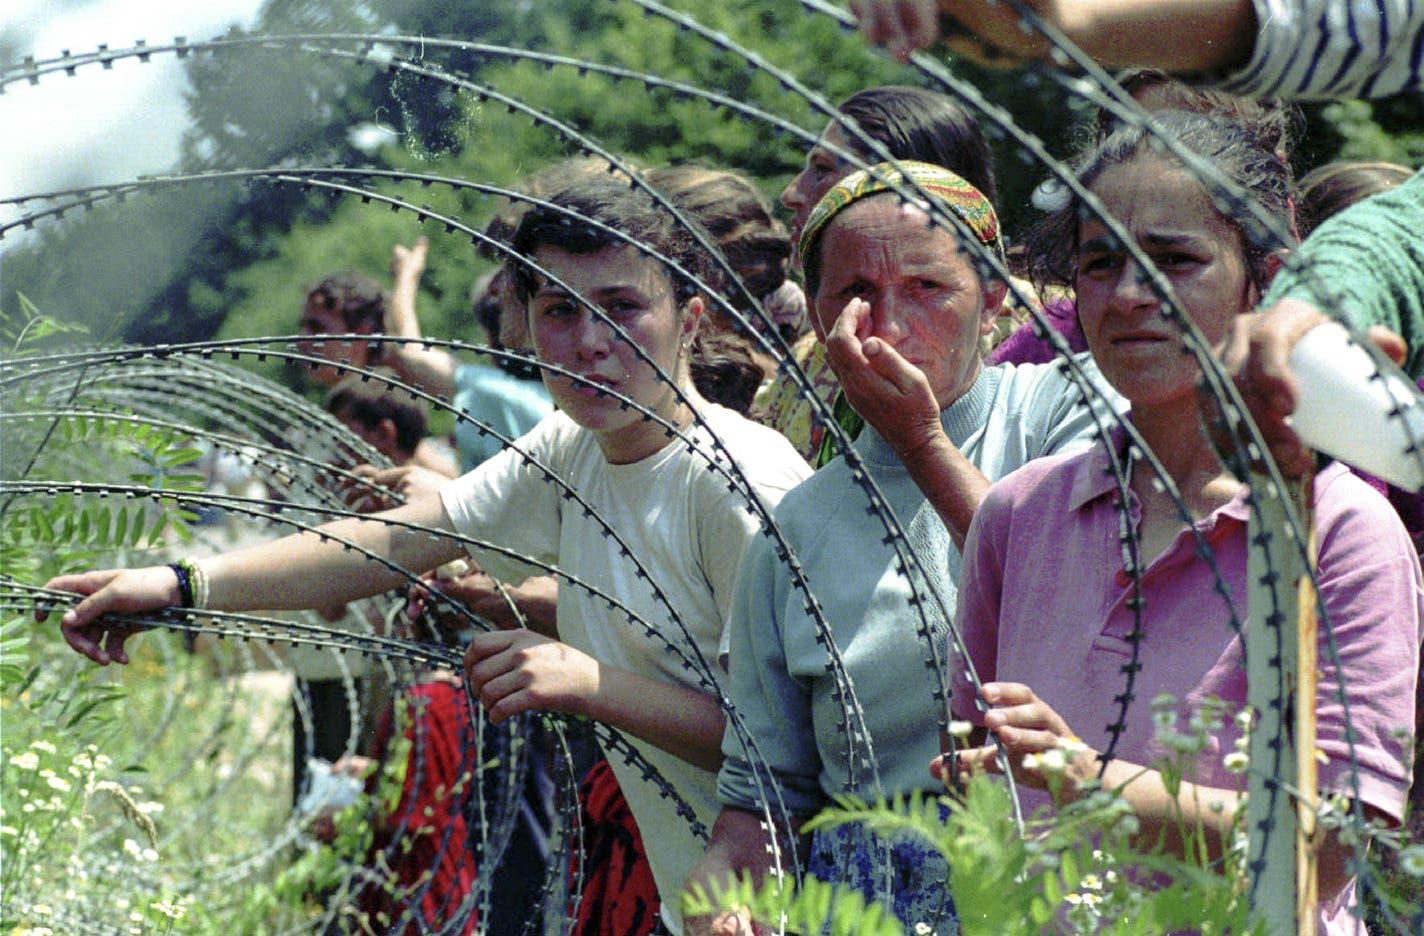 Bosnisch-serbische Truppen trennten die Frauen am 11. und 12. Juli von ihren Männern, Söhnen und Vätern.